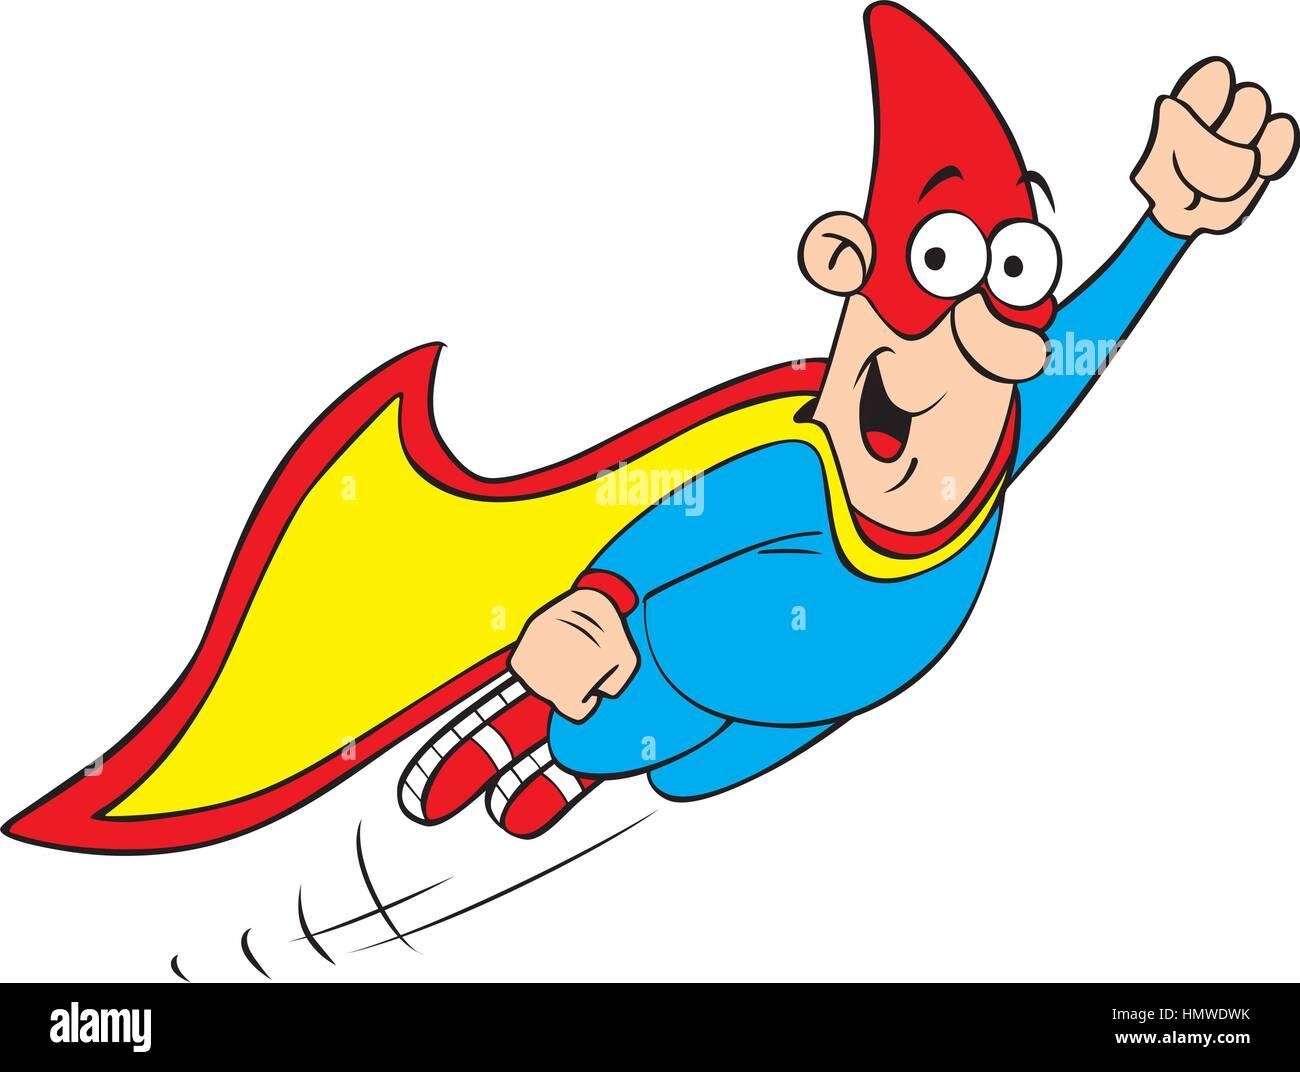 Vector illustration of cartoon geek hero character - Stock Vector